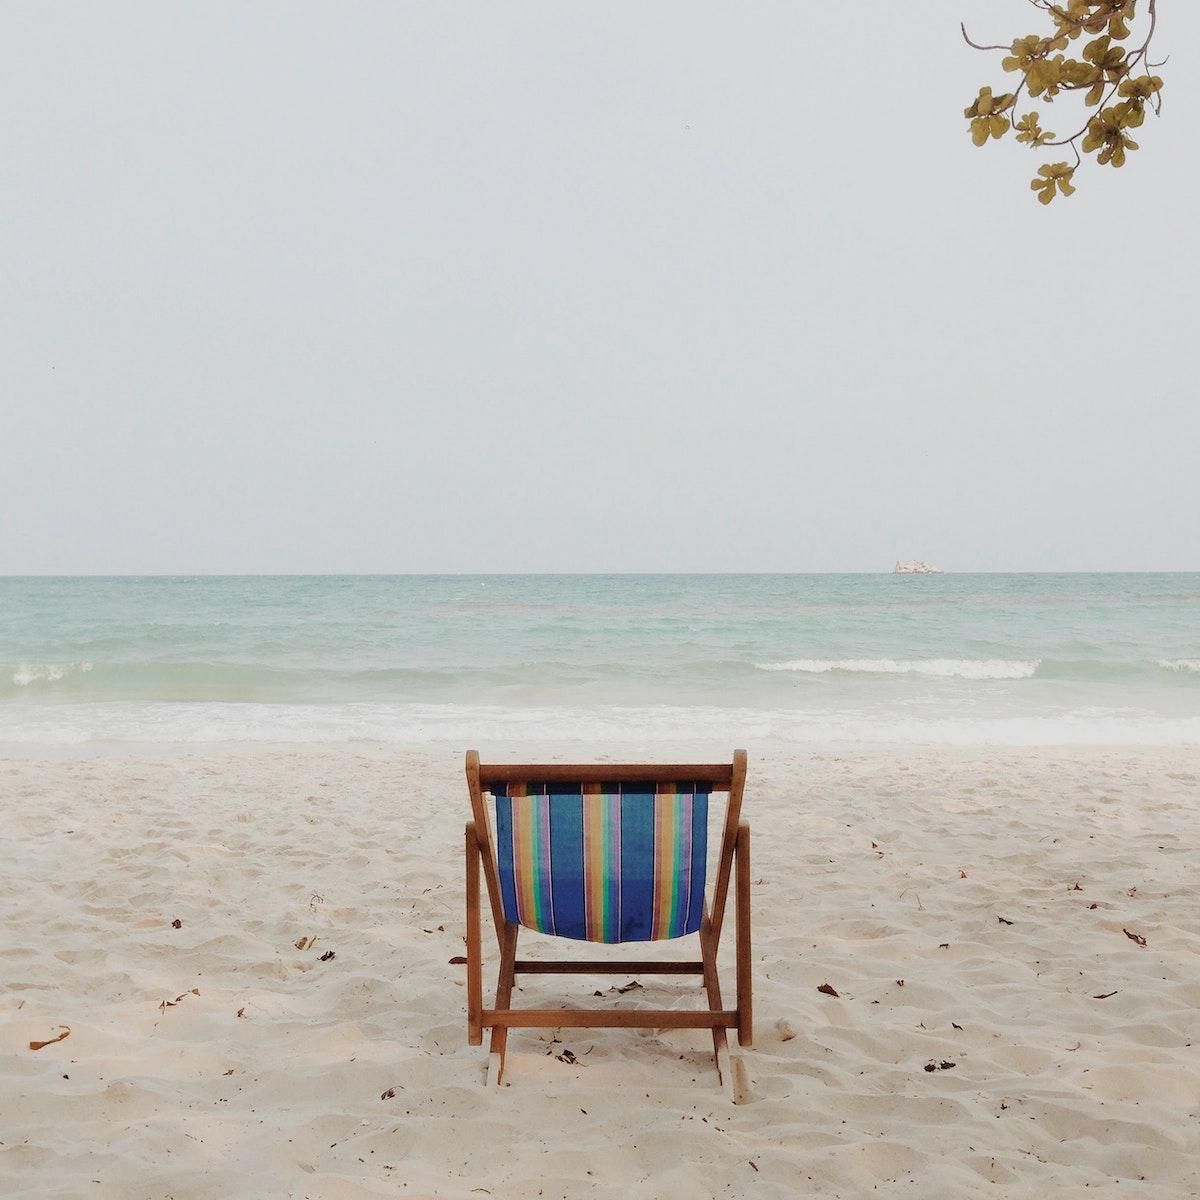 Beach chair on a beach in Thailand